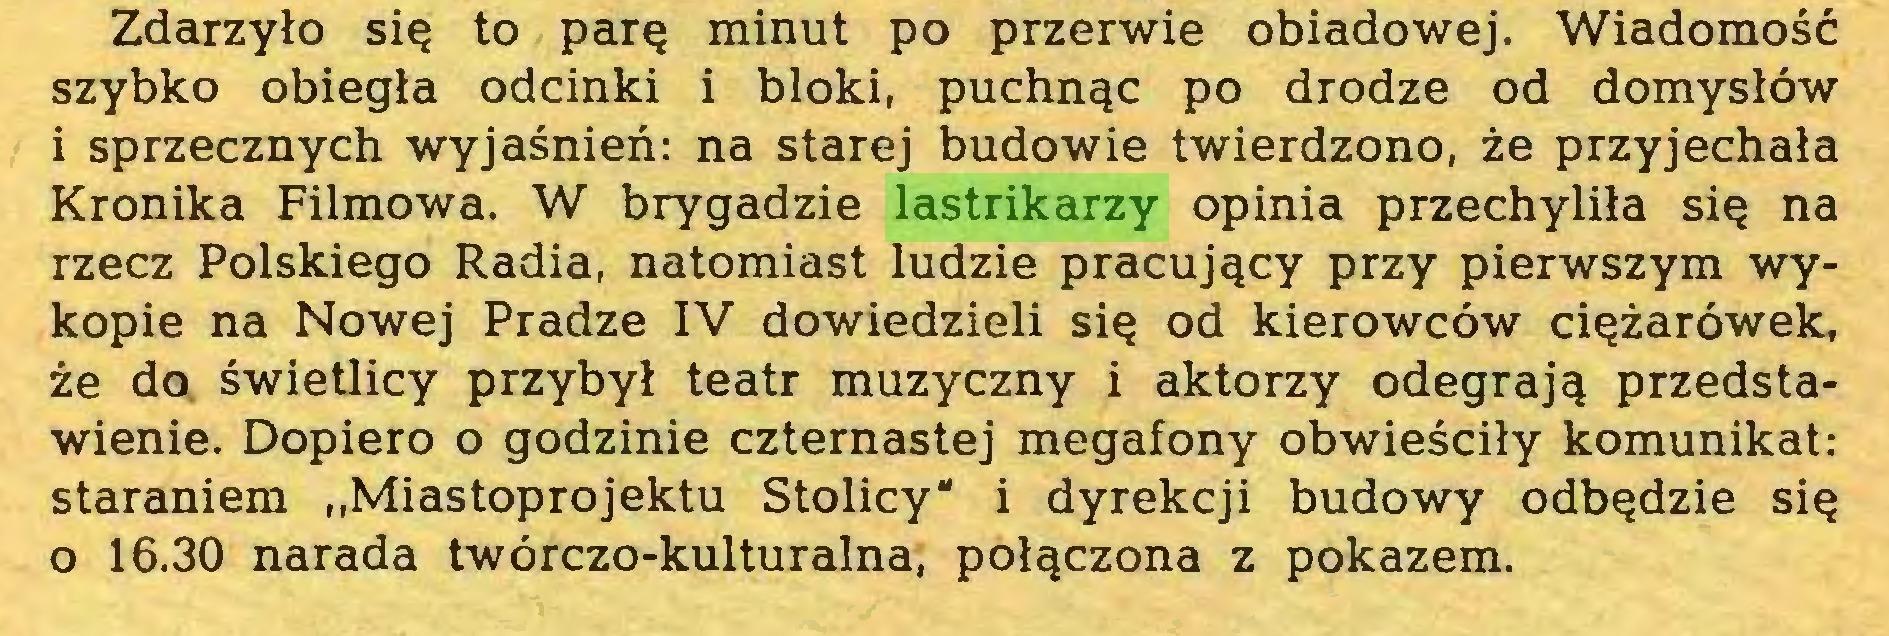 """(...) Zdarzyło się to parę minut po przerwie obiadowej. Wiadomość szybko obiegła odcinki i bloki, puchnąc po drodze od domysłów i sprzecznych wyjaśnień: na starej budowie twierdzono, że przyjechała Kronika Filmowa. W brygadzie lastrikarzy opinia przechyliła się na rzecz Polskiego Radia, natomiast ludzie pracujący przy pierwszym wykopie na Nowej Pradze IV dowiedzieli się od kierowców ciężarówek, że do świetlicy przybył teatr muzyczny i aktorzy odegrają przedstawienie. Dopiero o godzinie czternastej megafony obwieściły komunikat: staraniem """"Miastoprojektu Stolicy"""" i dyrekcji budowy odbędzie się o 16.30 narada twórczo-kulturalna, połączona z pokazem..."""